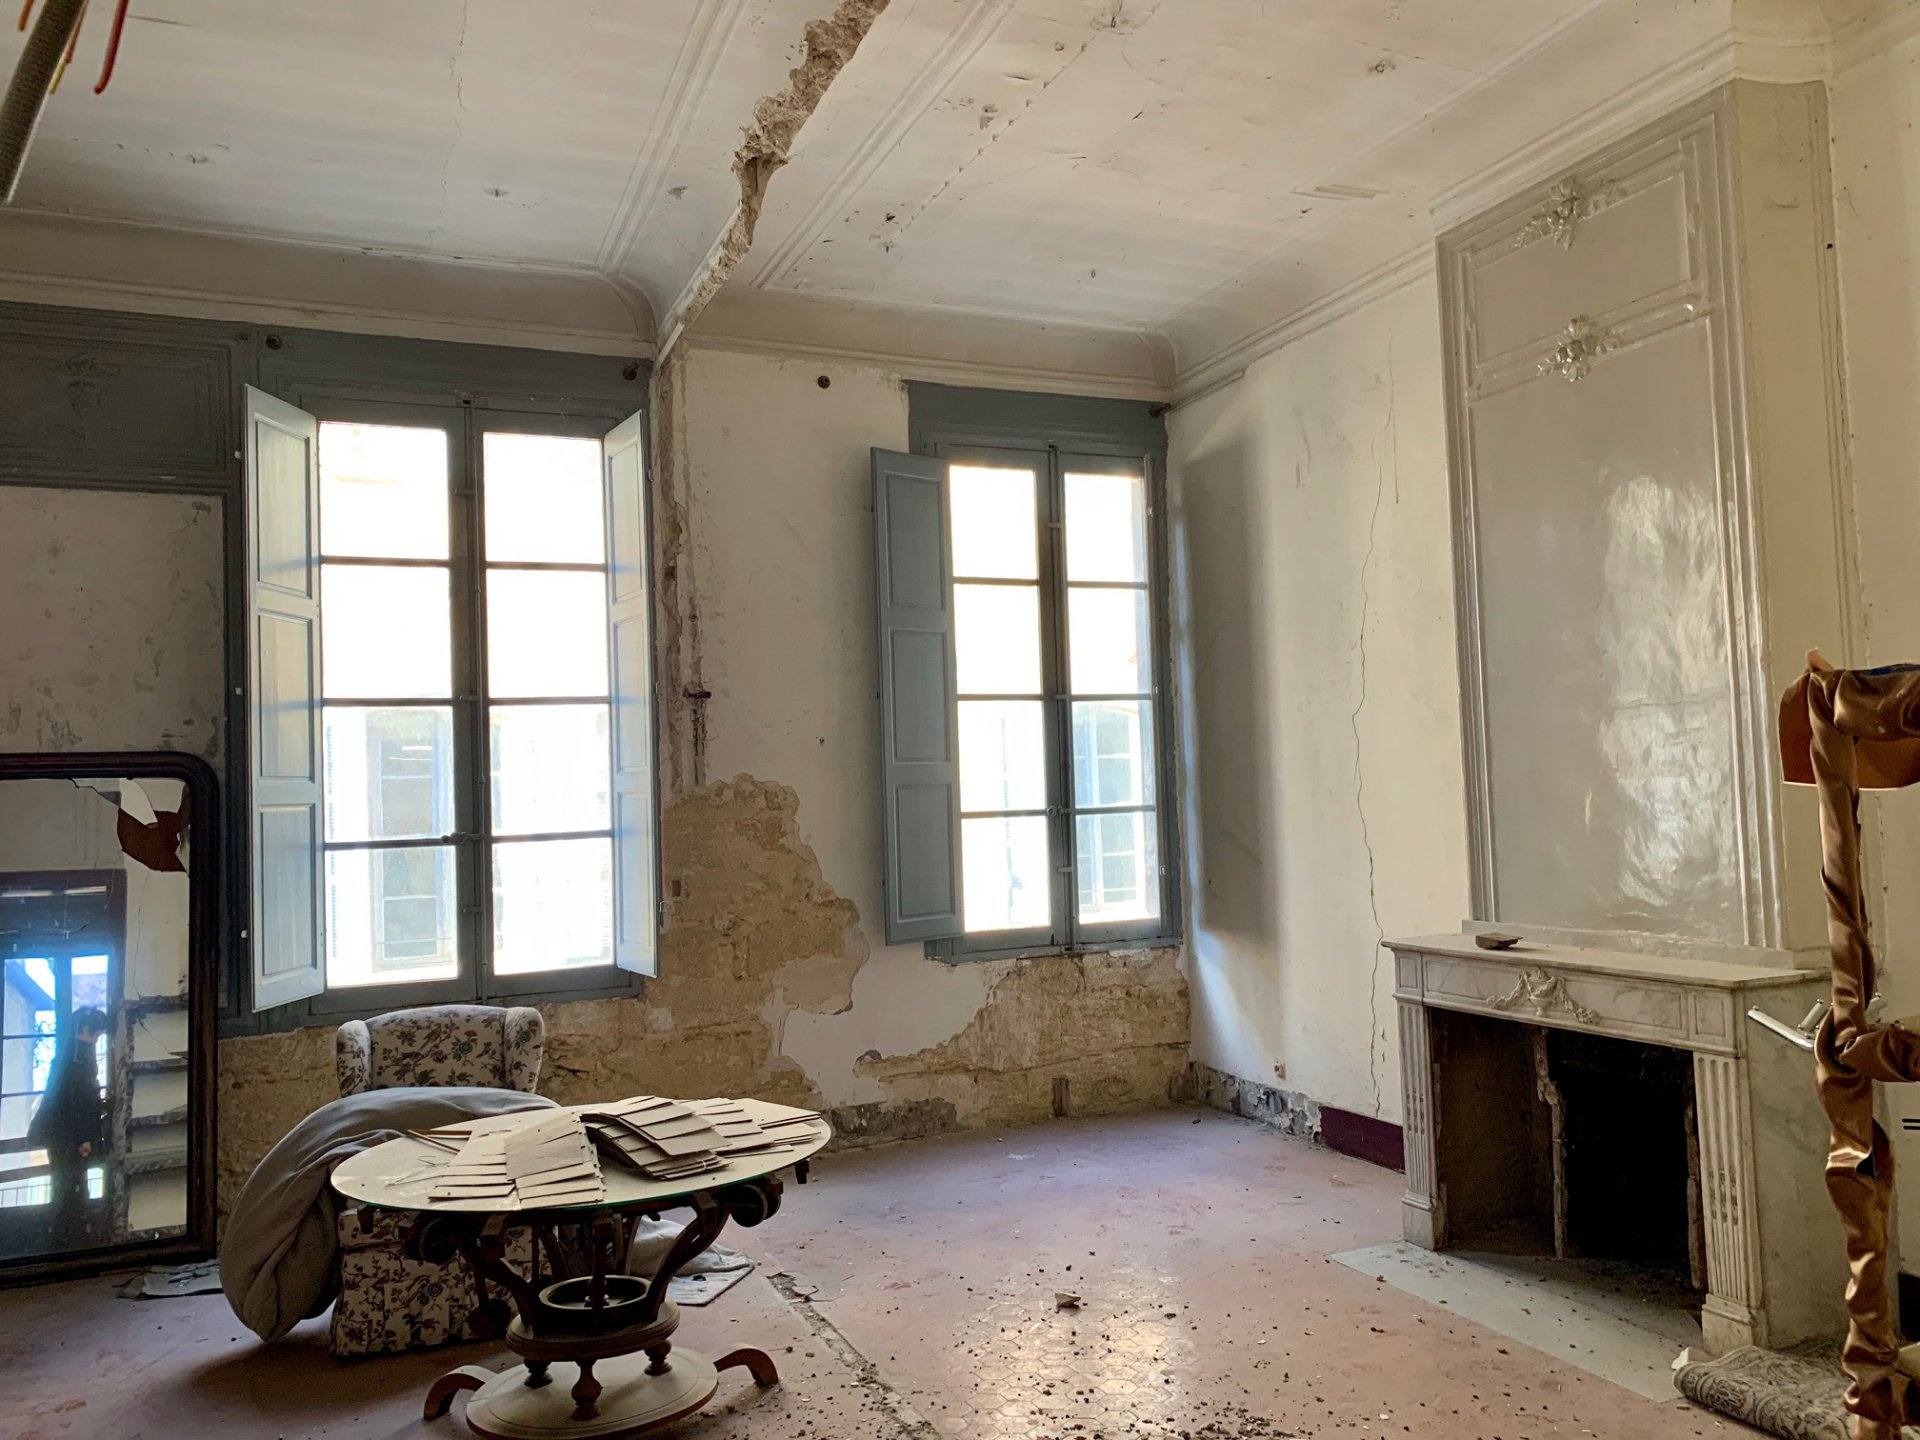 Hotel Particulier entier 730 m2 / Quartier Mazarin